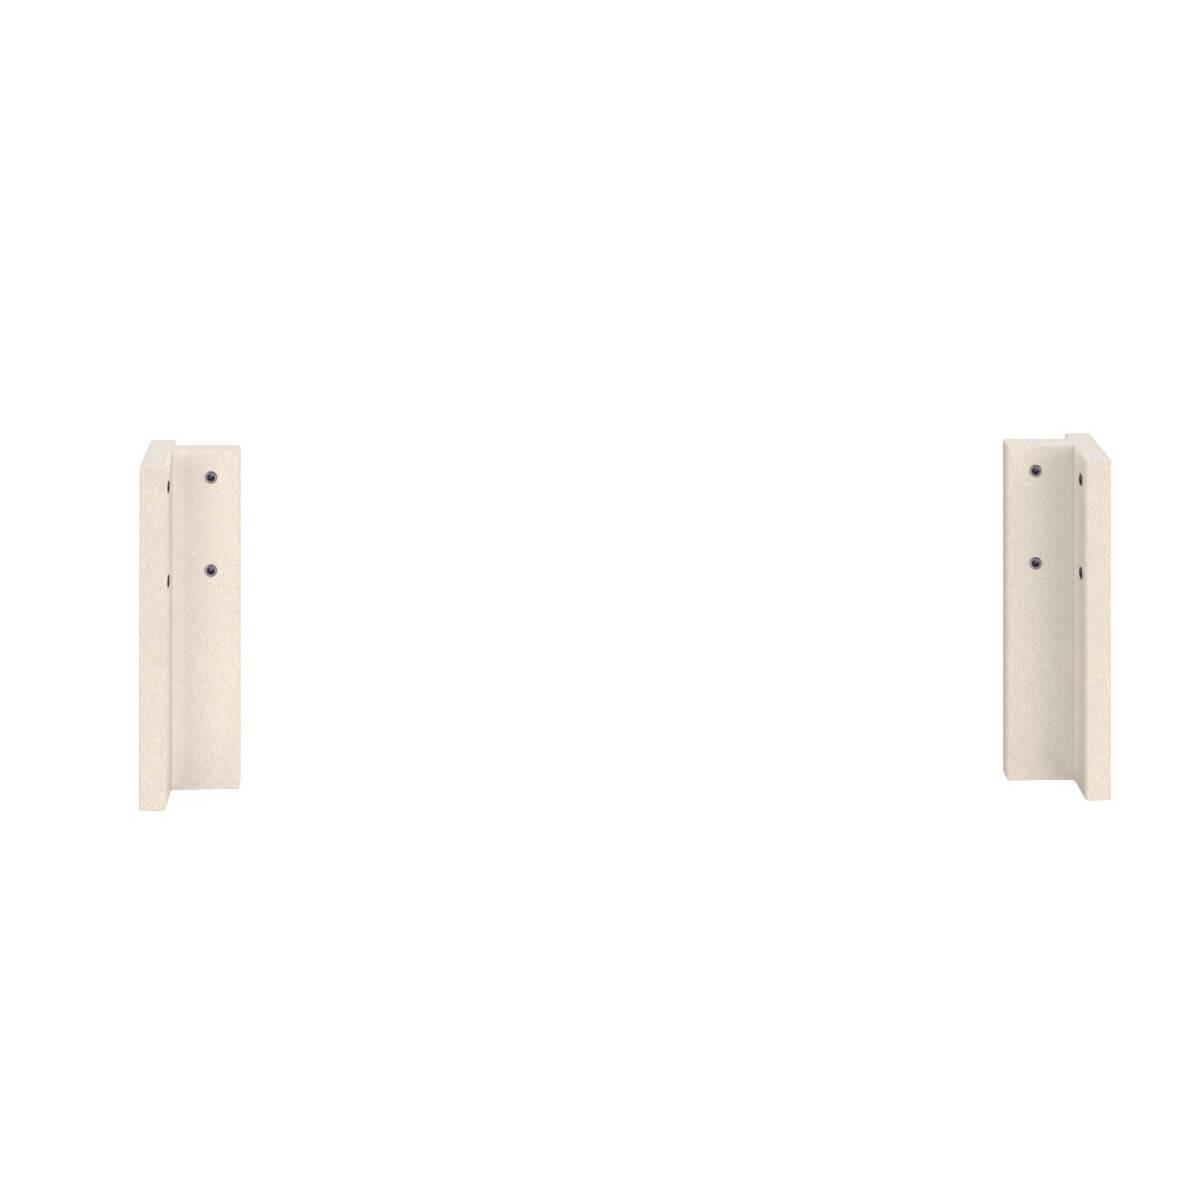 Eckpfosten klein 35cm 2-Stück Bettzubehör DESTYLE Debreuyn Buche massiv weiß gebeizt-lackiert